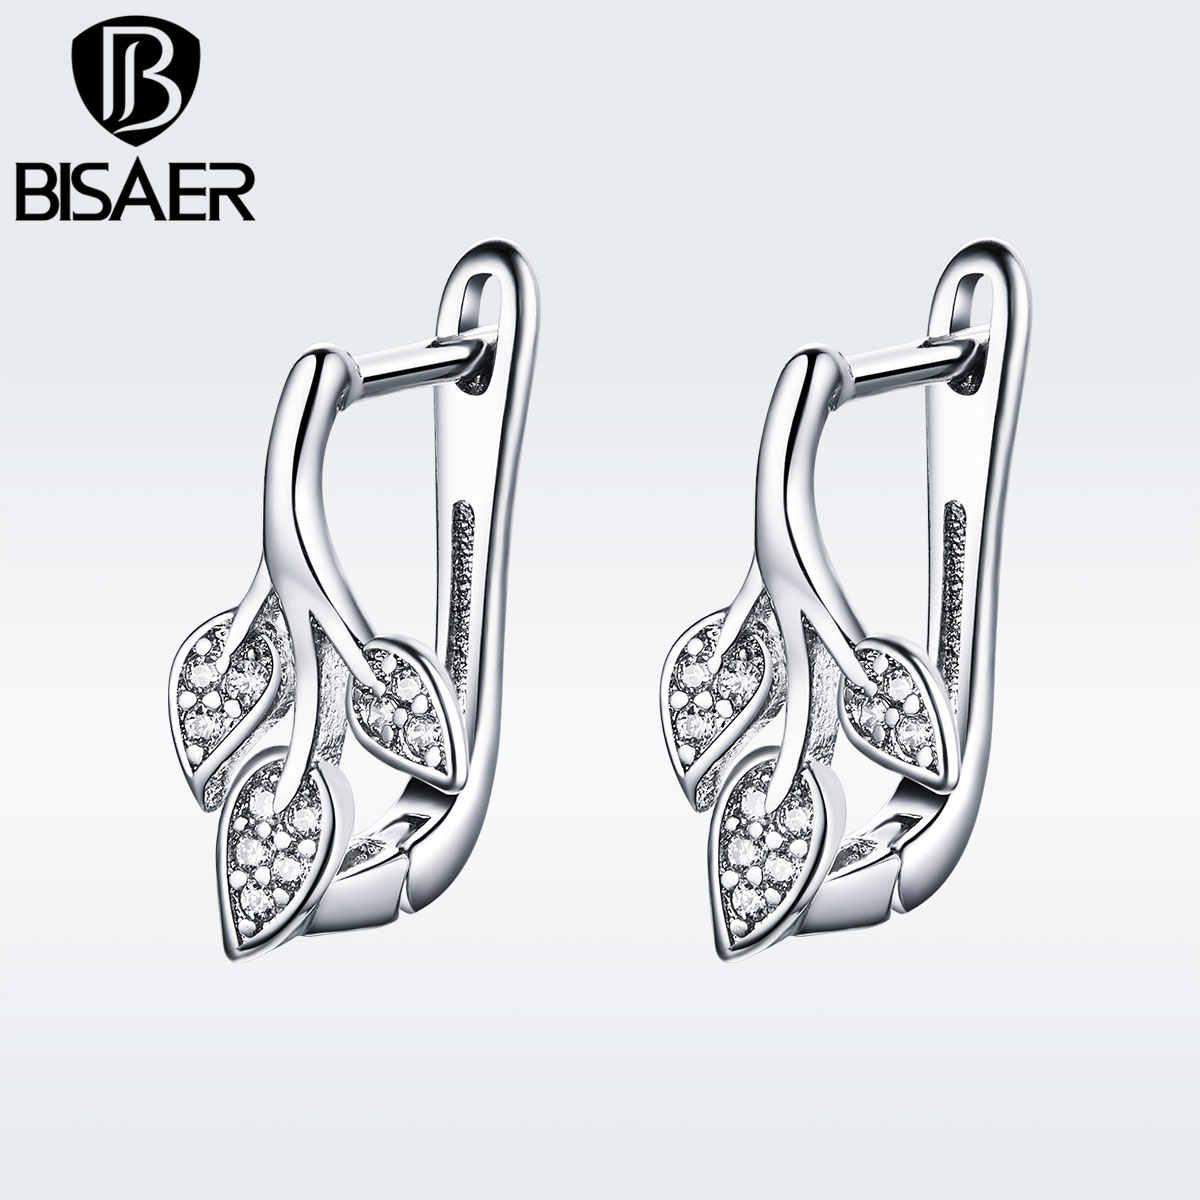 BISAER קריסטל חישוק עגילים לנשים תכשיטי חתונה ברור CZ Bijoux Brincos נשי תכשיטים GSE133